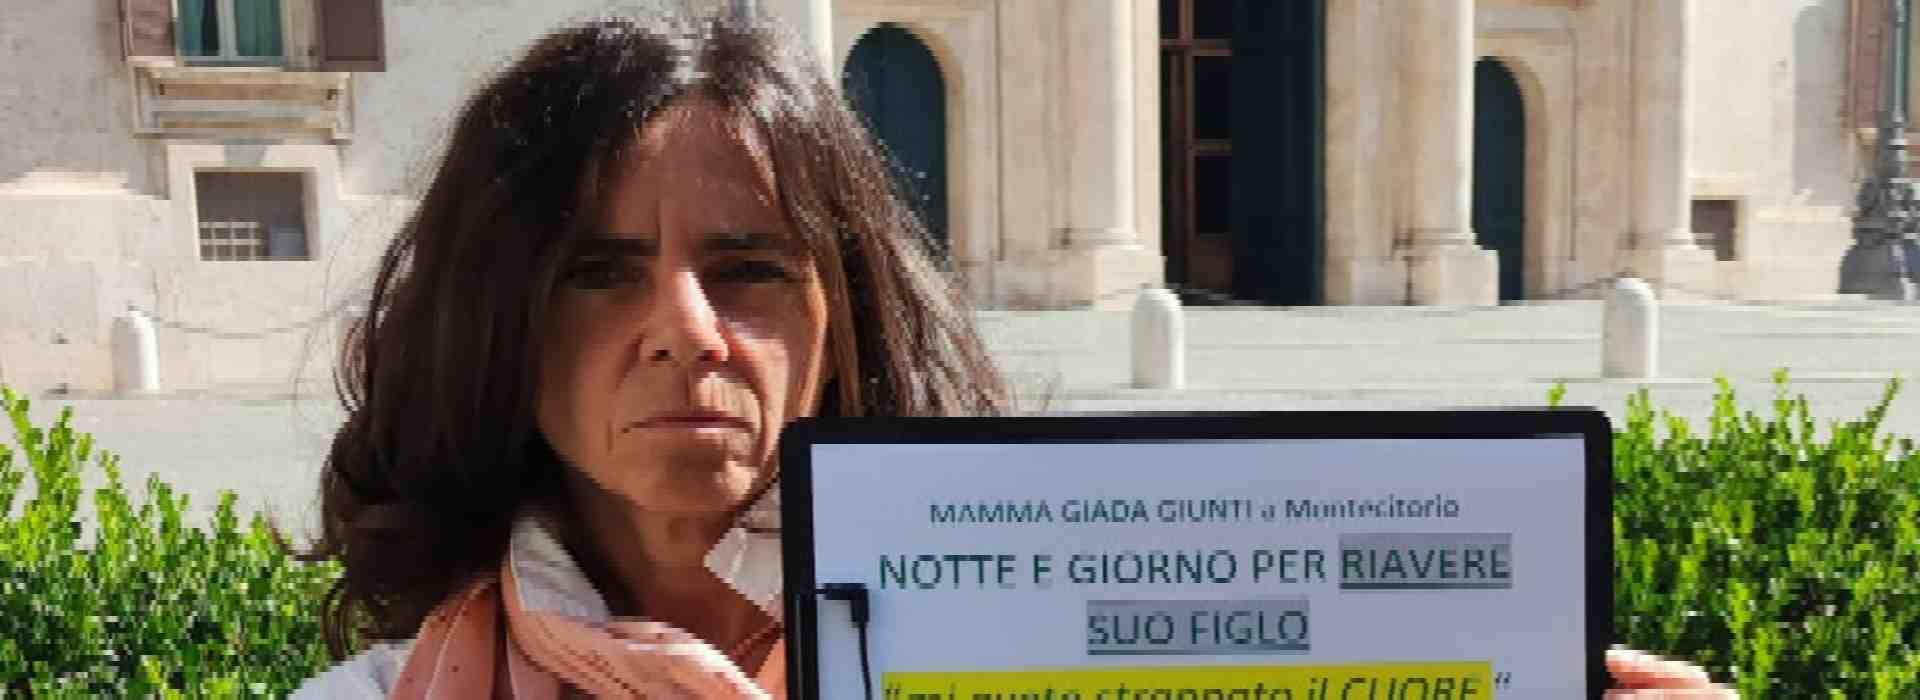 Le libertà negate al piccolo Jacopo, sottratto alla madre che un giudice vuole arrestare